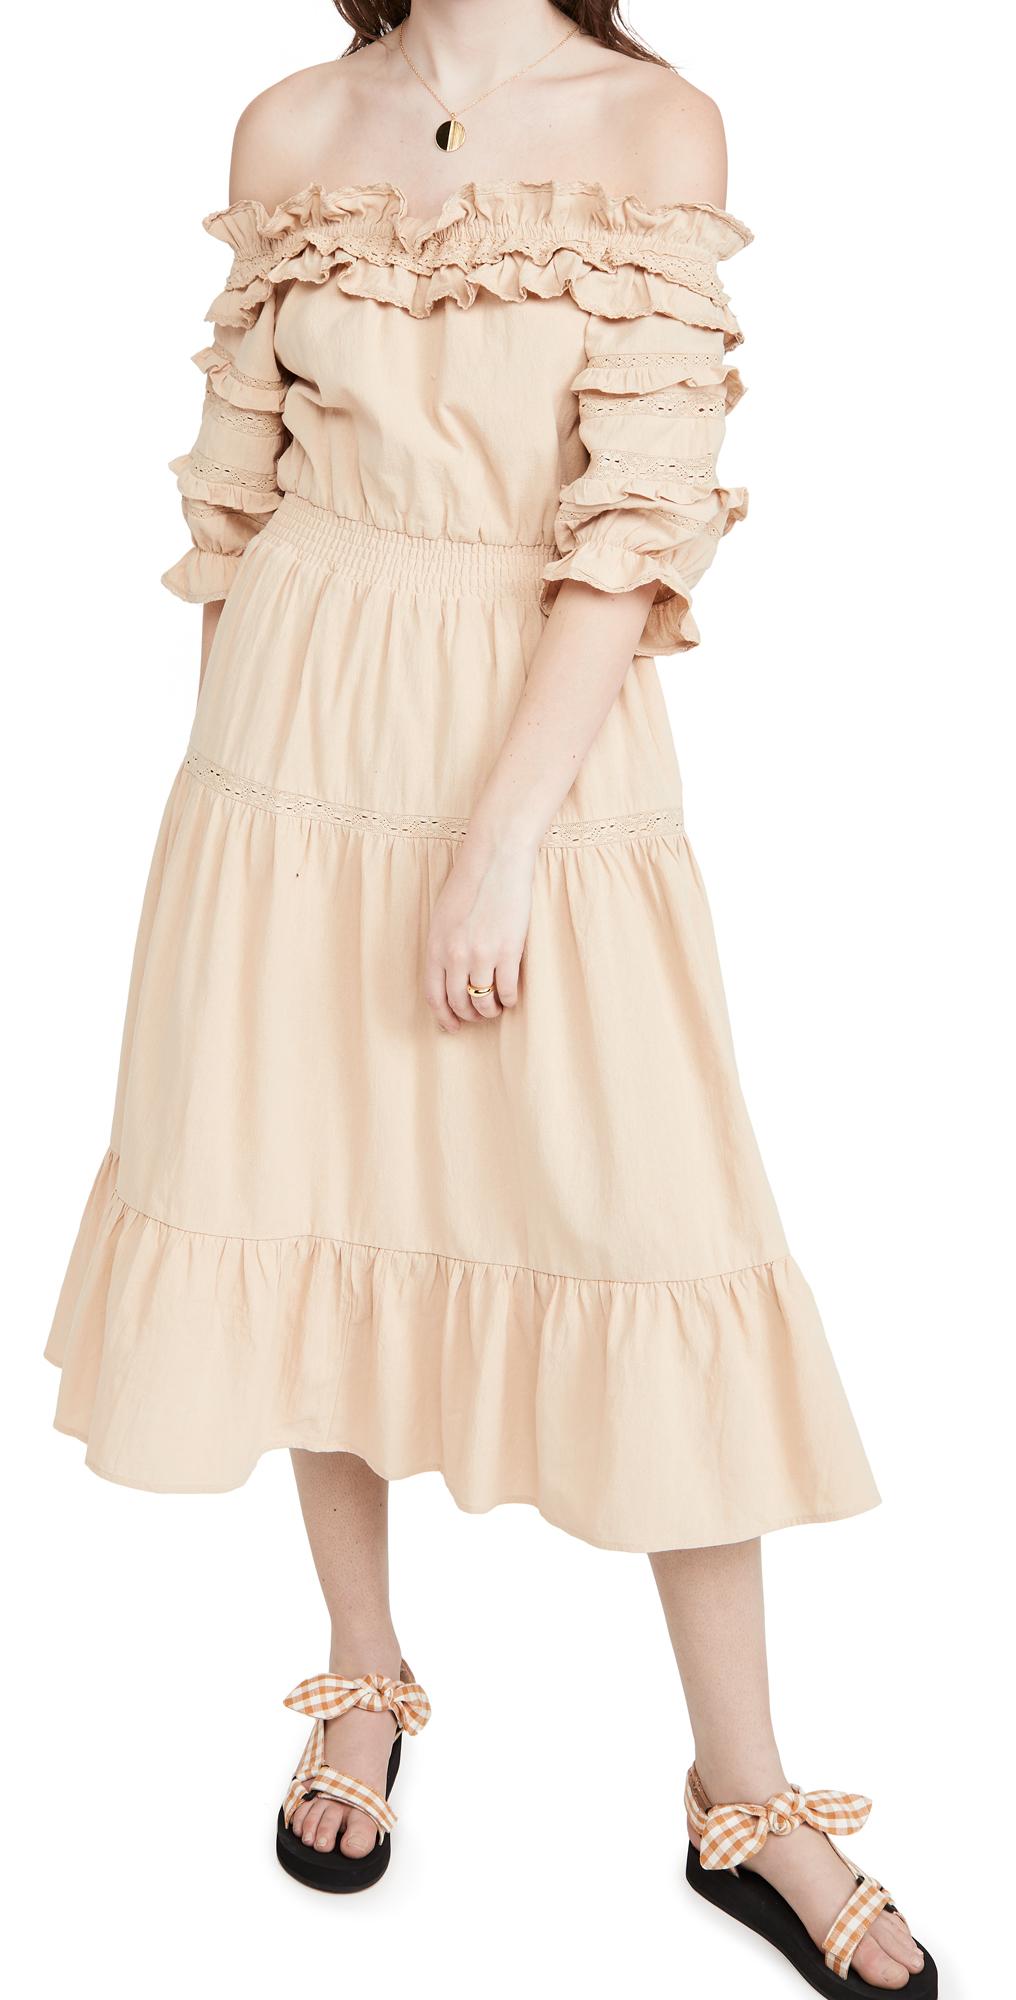 Meadows Blossom Dress